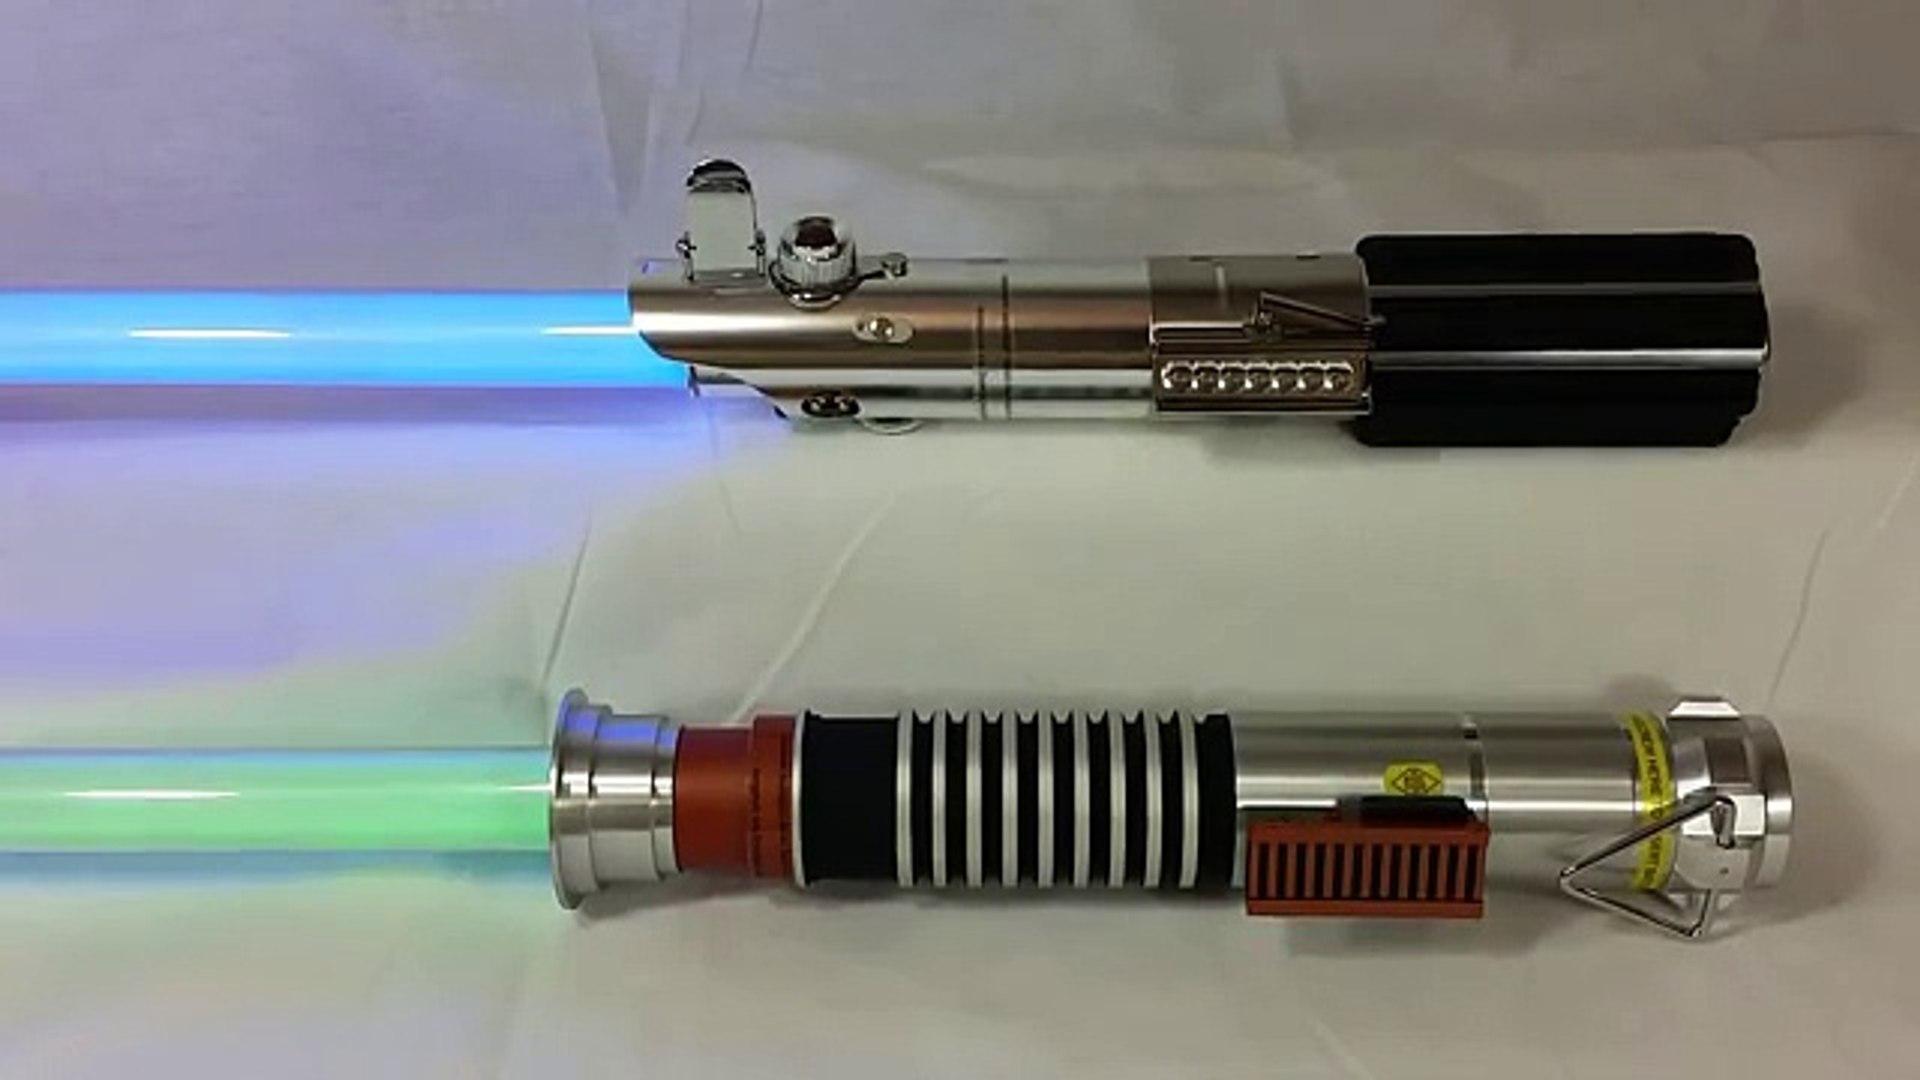 Star Wars The Black Series Force Fx Lightsaber Comparison Luke Vs Luke Video Dailymotion